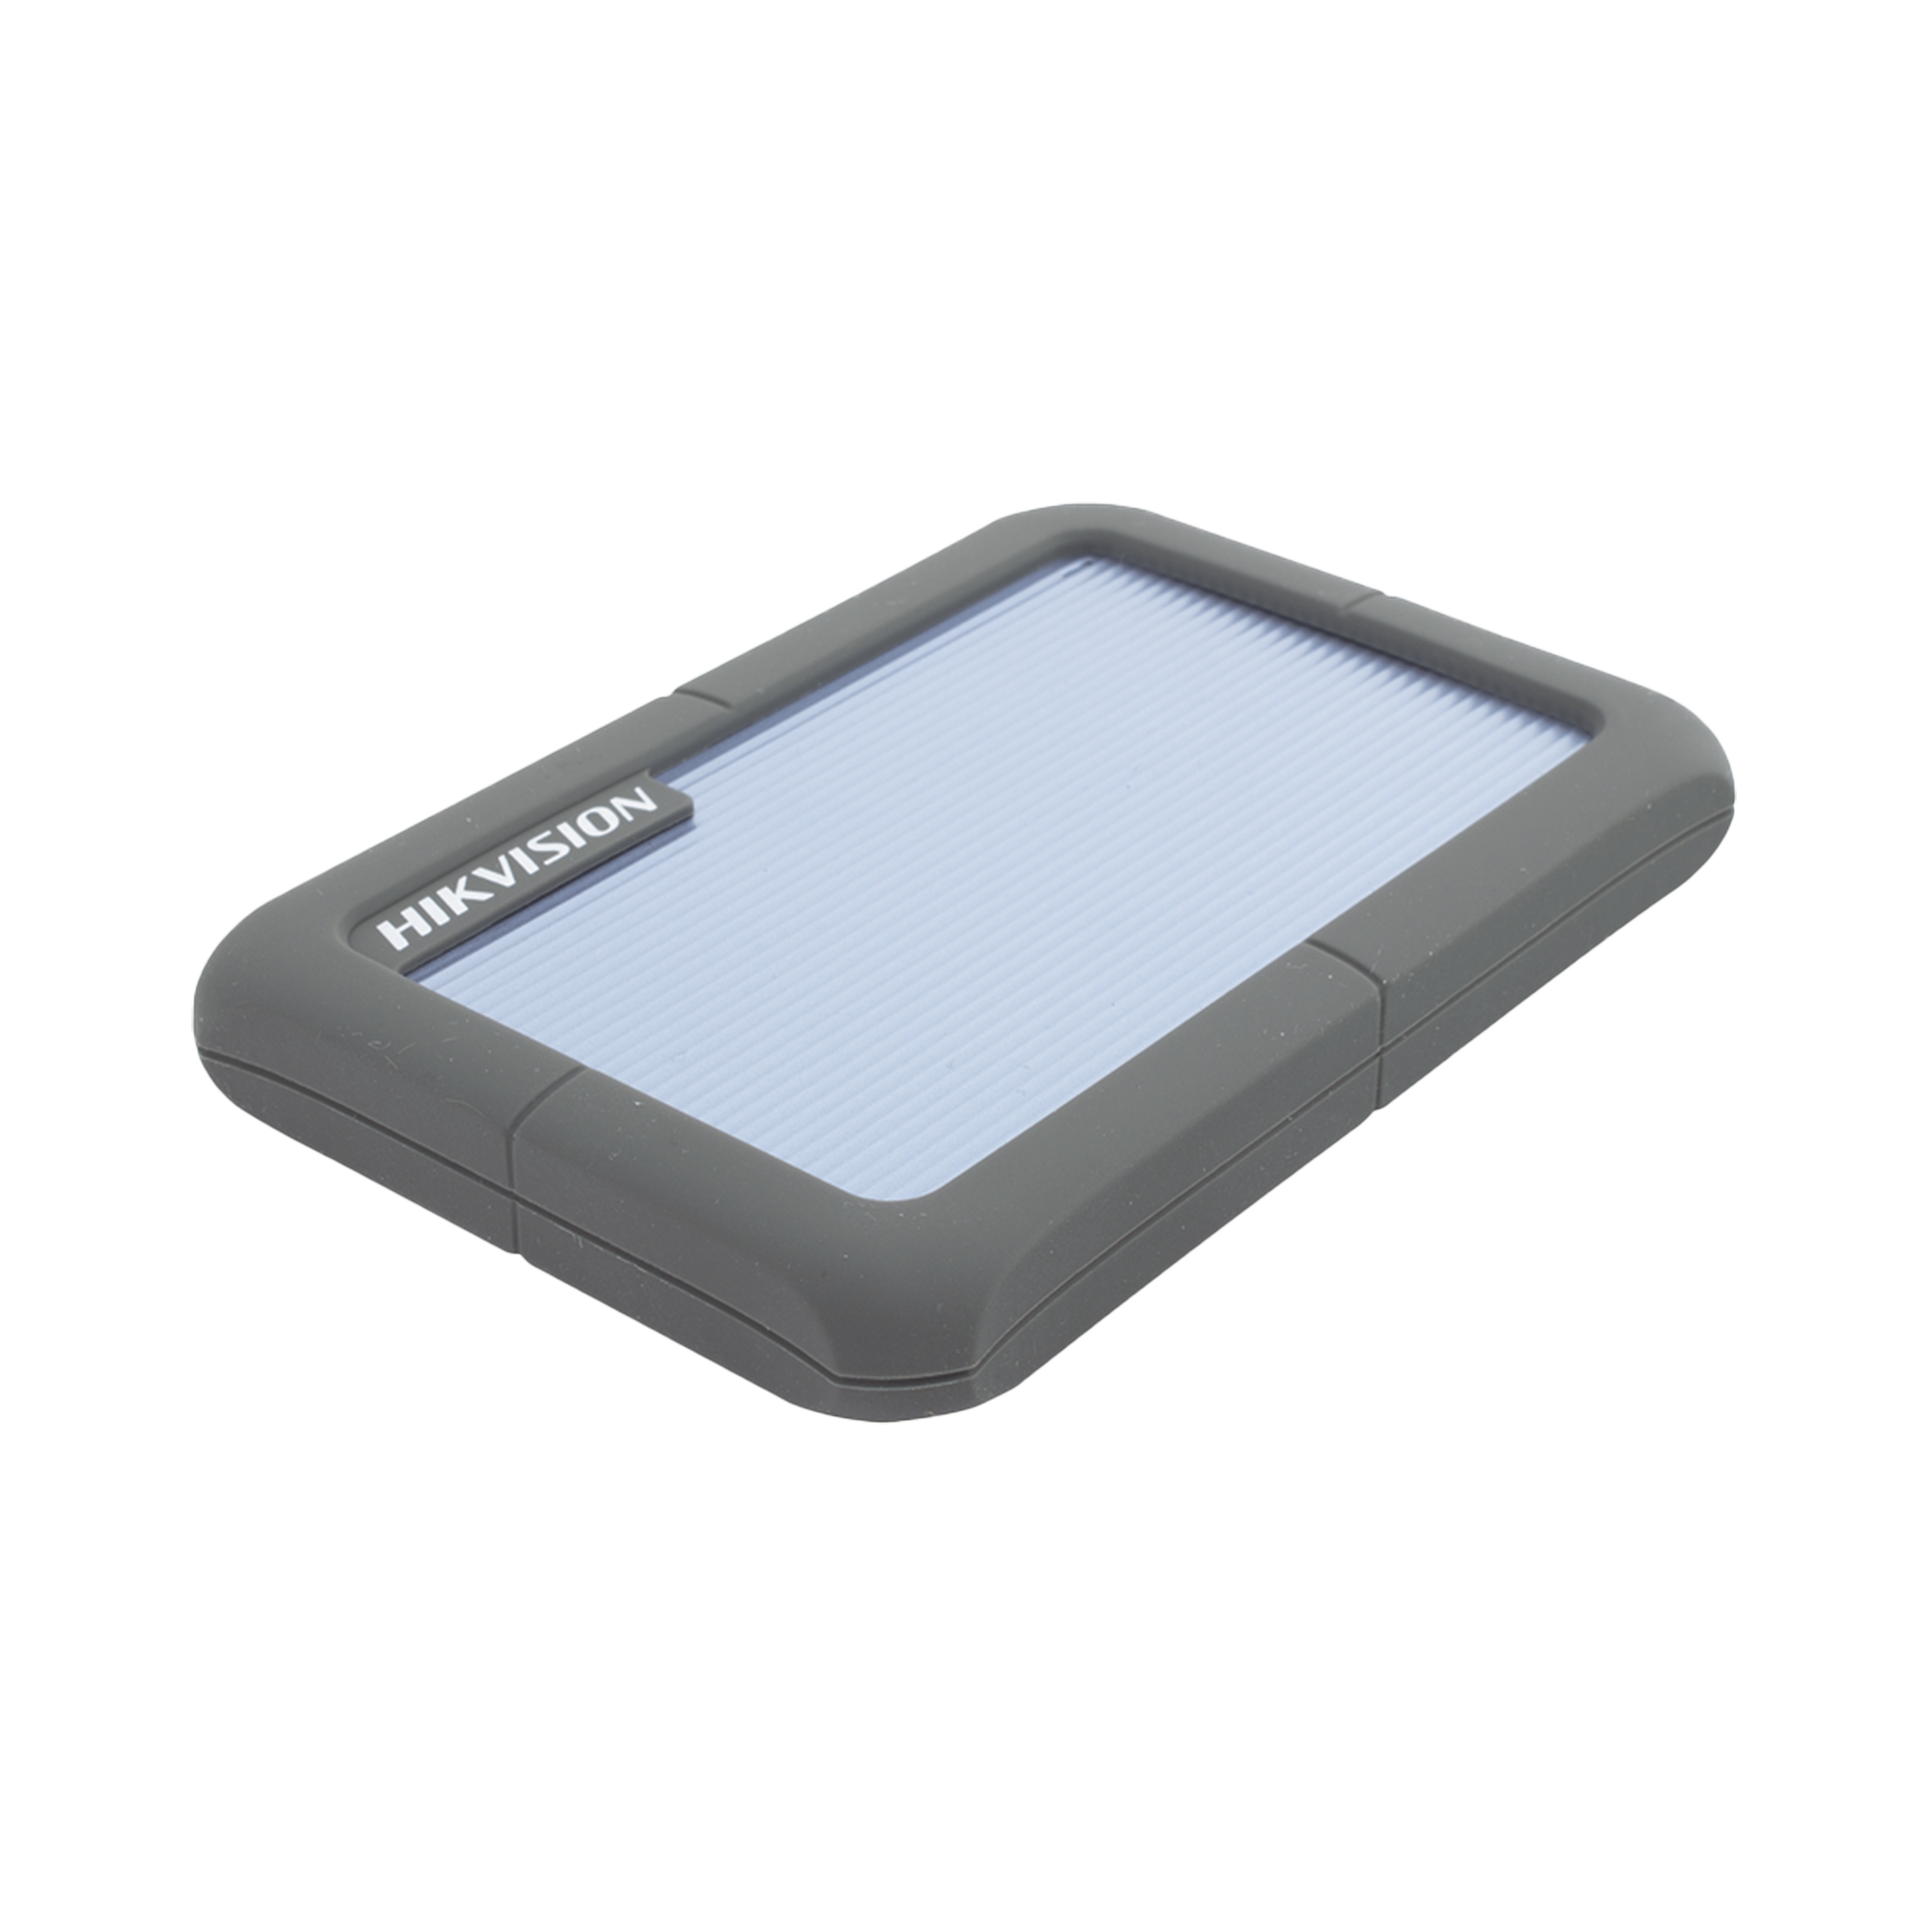 Disco Duro Portátil 1 TB / Color Azul / Conector USB 3.0 a Micro B / Cubierta con Goma Protectora para Amortiguar las Caídas